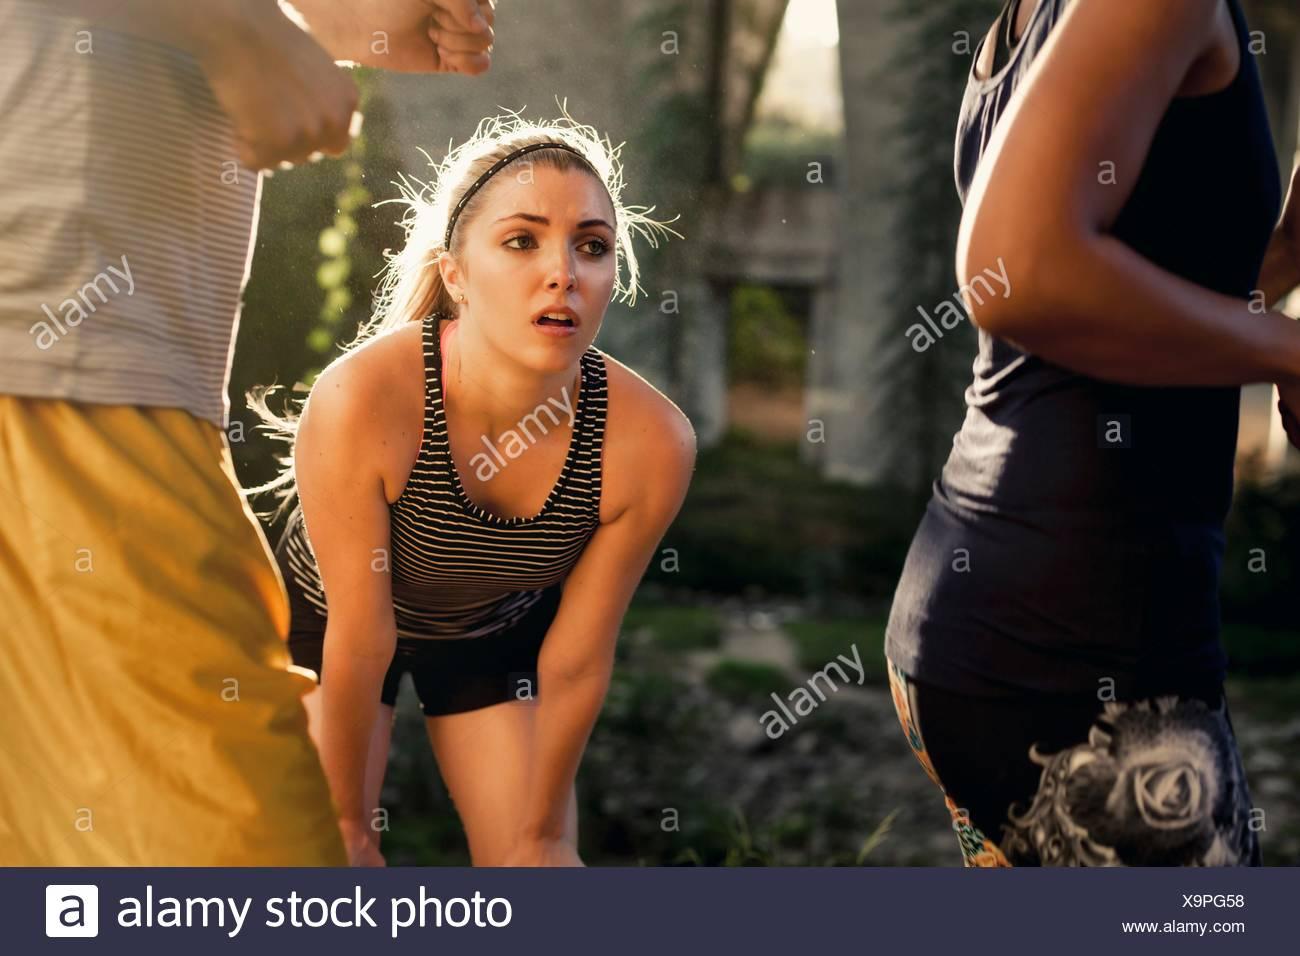 Los deportistas ejecutando pasado tomando emparejador romper, Arroyo Seco Parque, Pasadena, California, EE.UU. Imagen De Stock